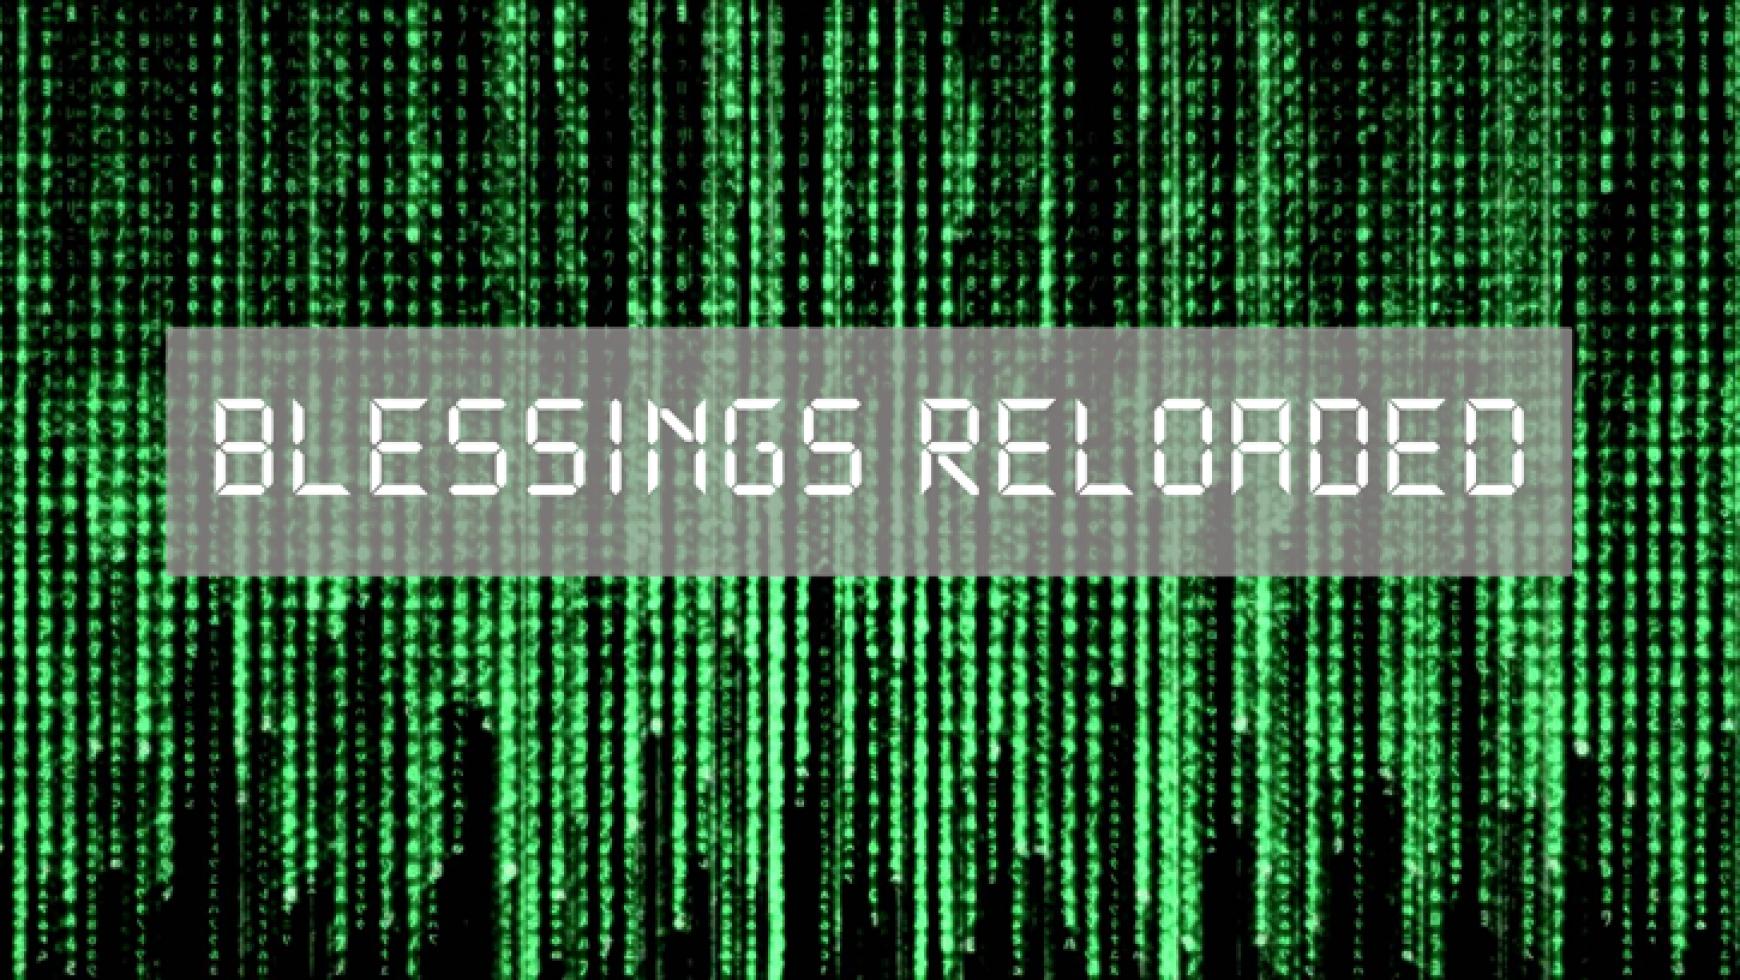 Blessing Reloaded